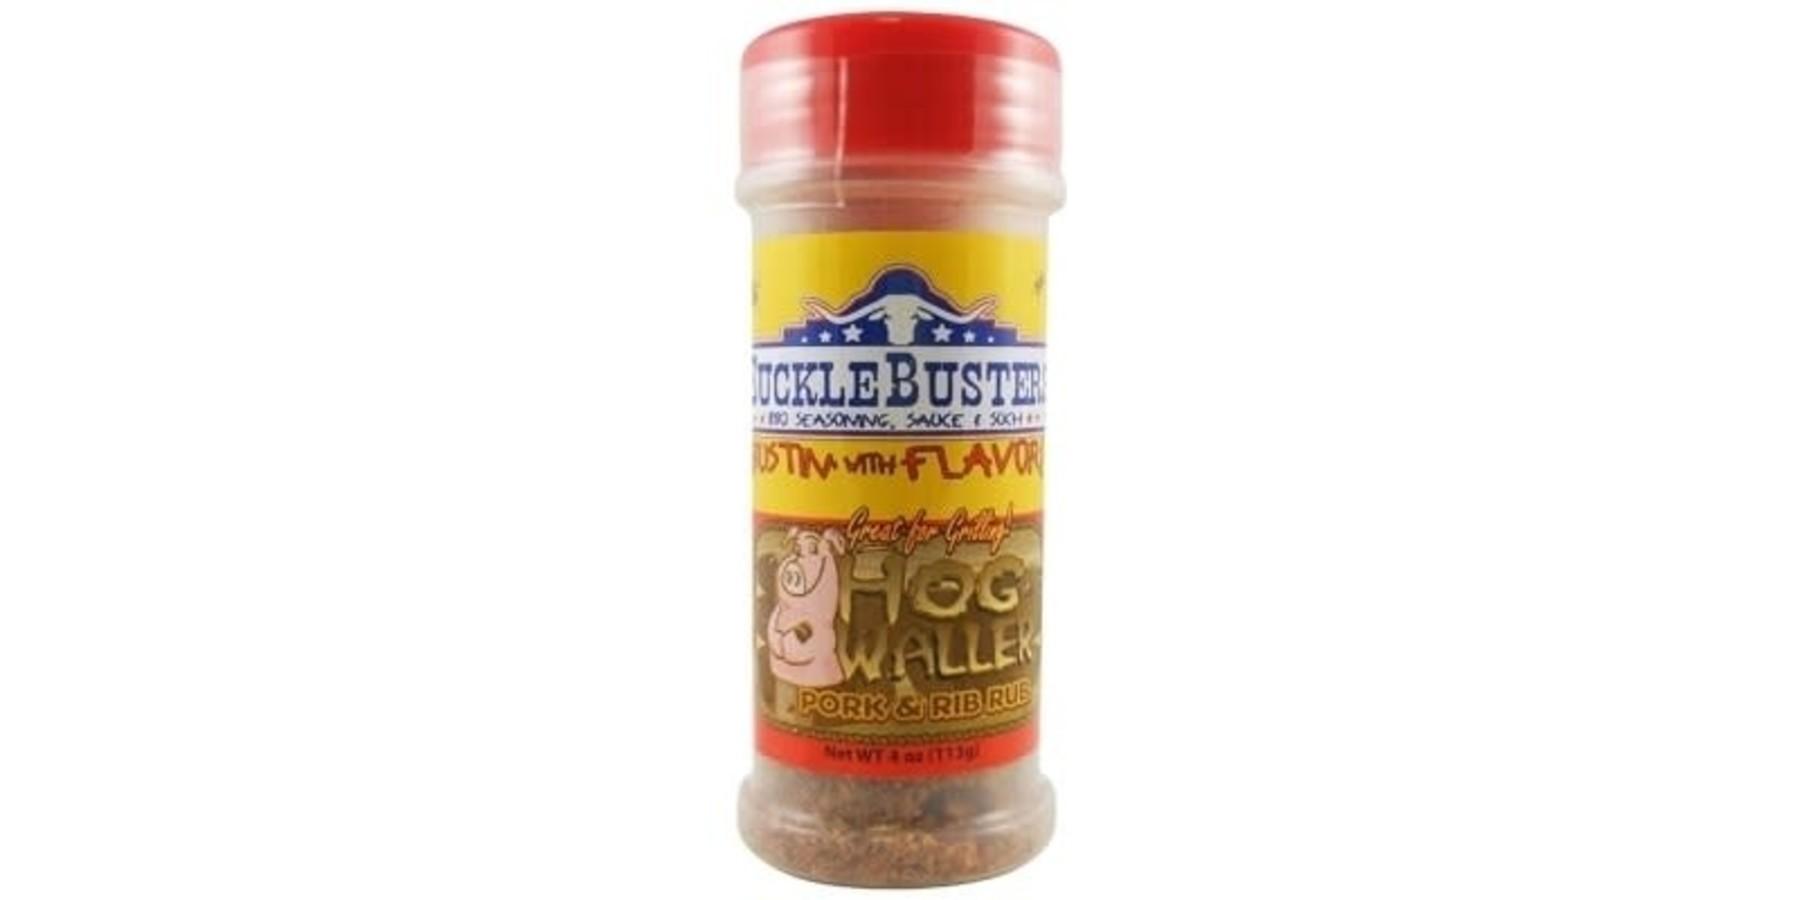 Hog Waller pork & rib rub